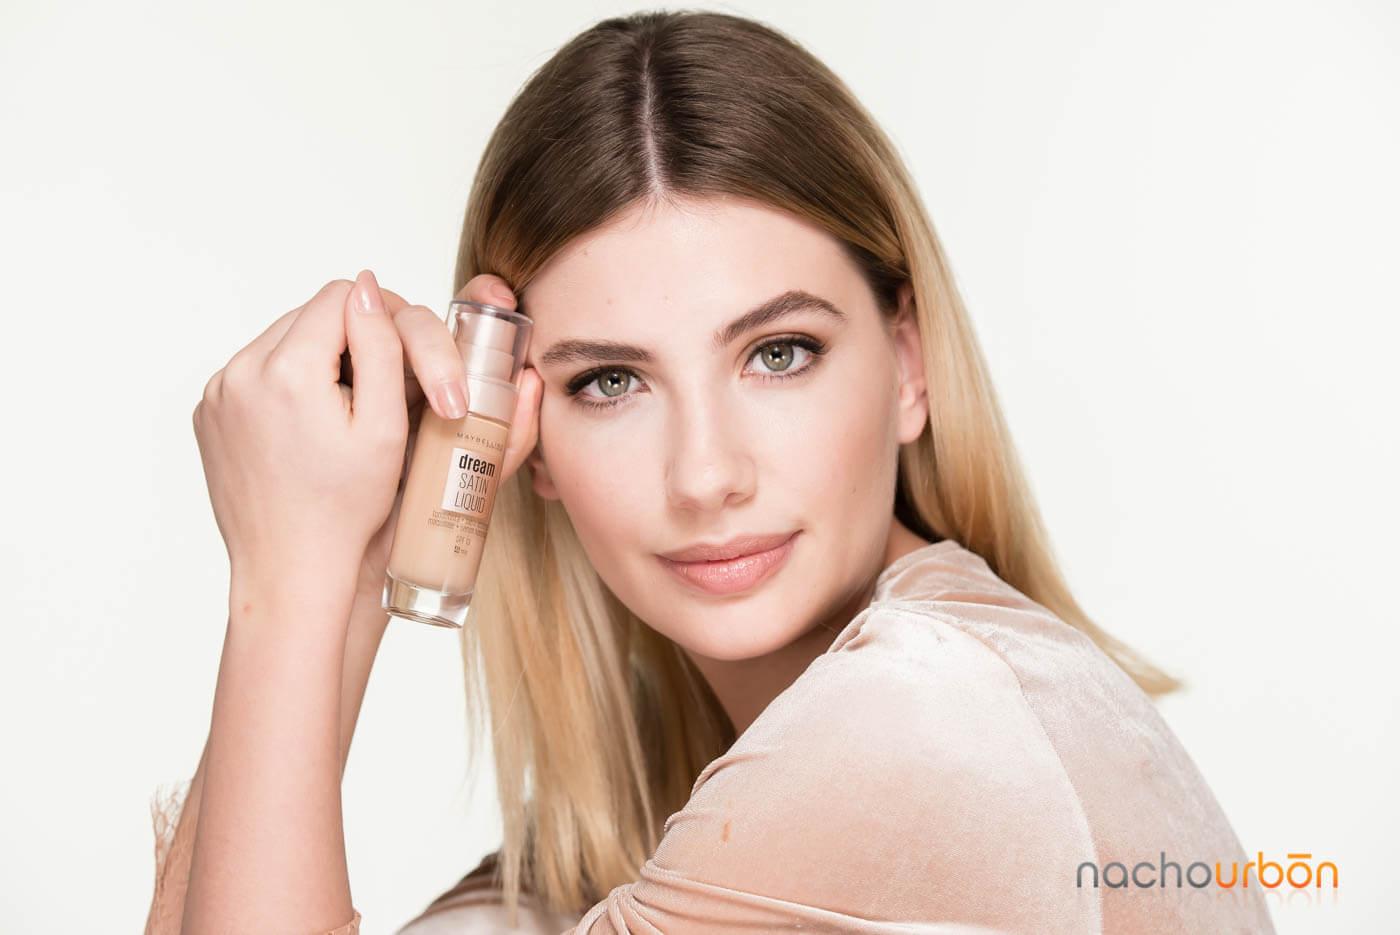 fotógrafo-Publicidad-Mujer-especialista-belleza